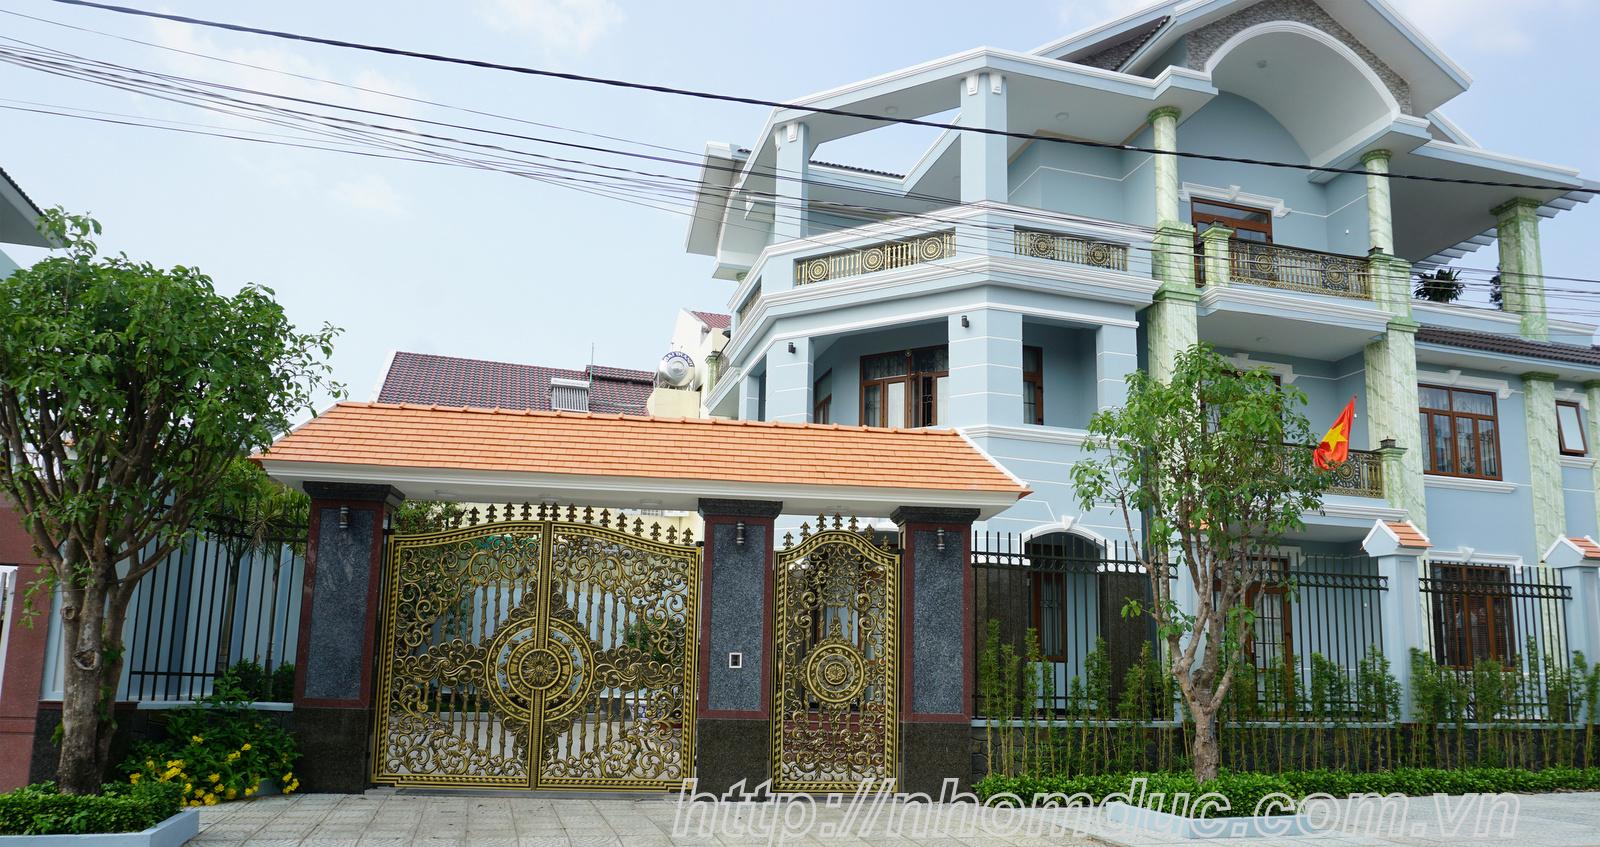 Cổng Nhôm Đúc tại Hồ Chí Minh